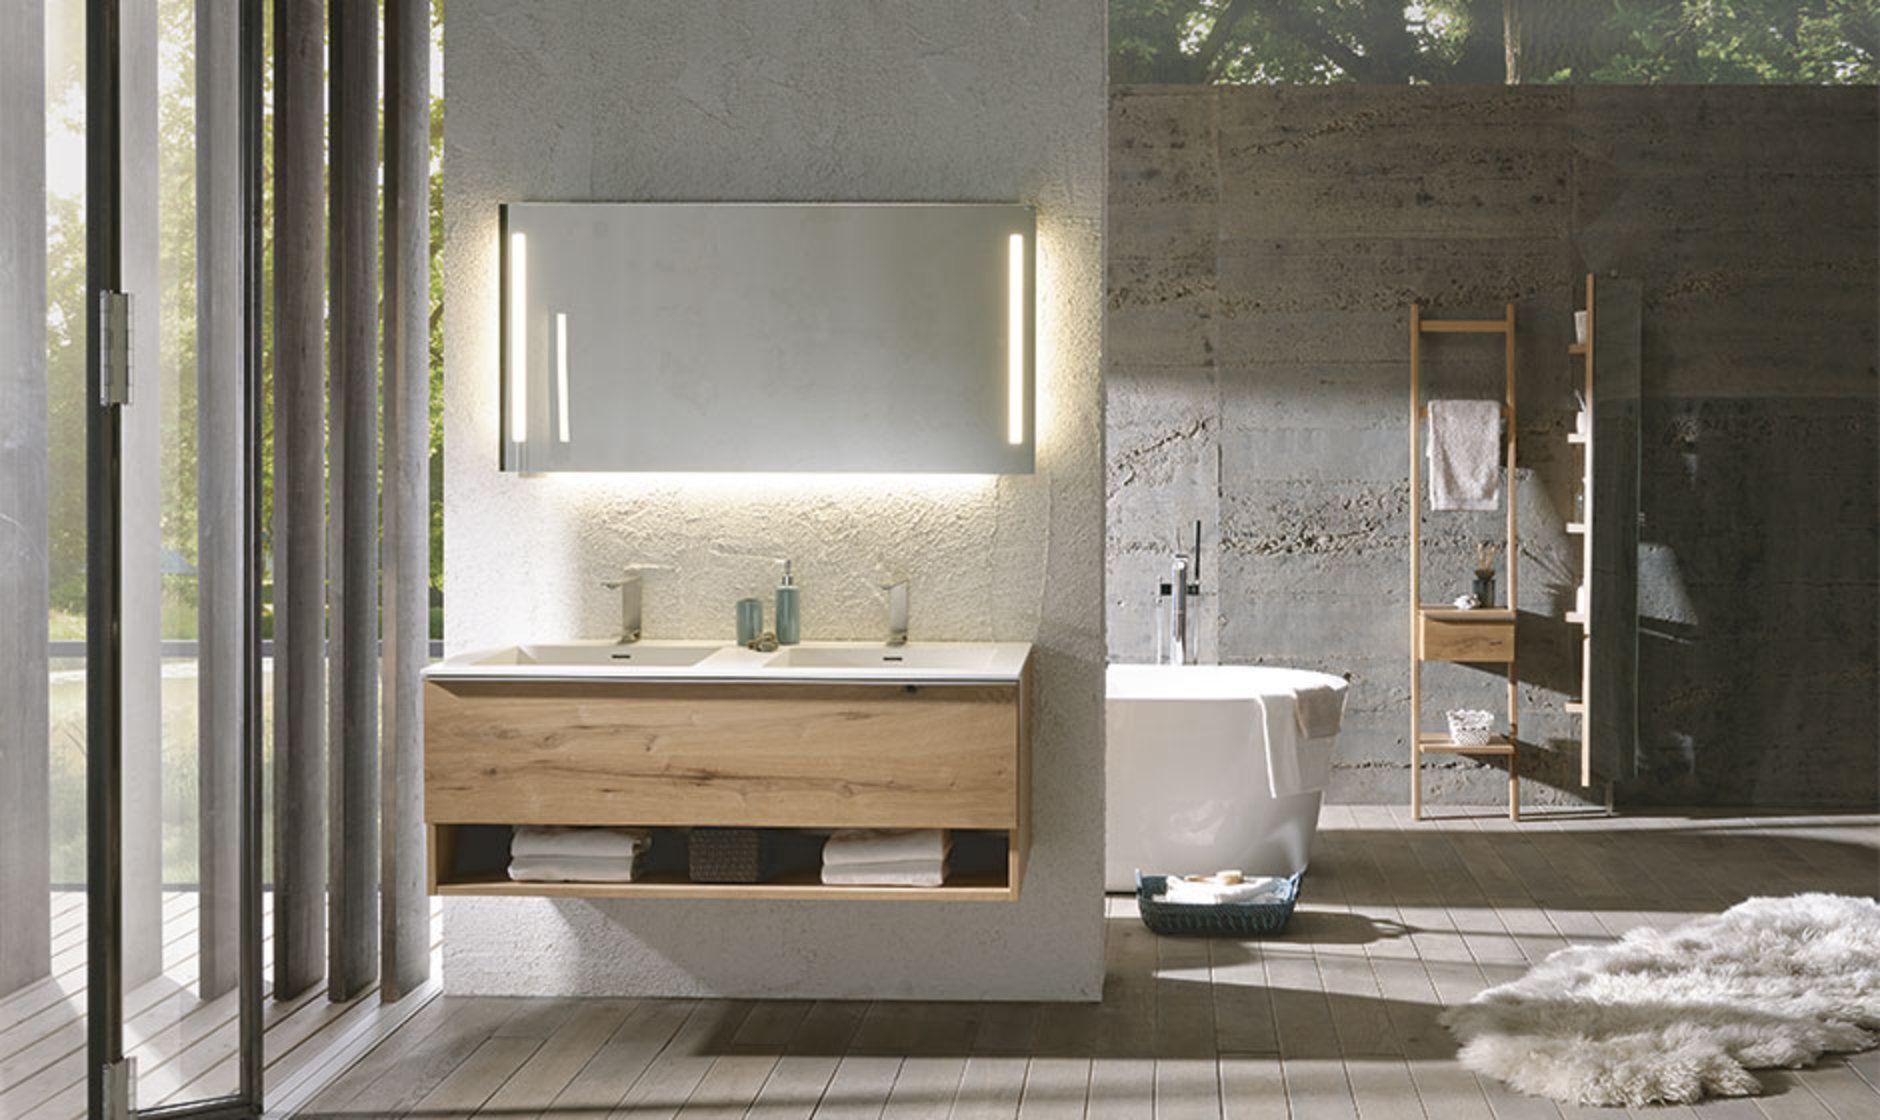 V Alpin Badezimmermobel Von Voglauer Badezimmer Badezimmer